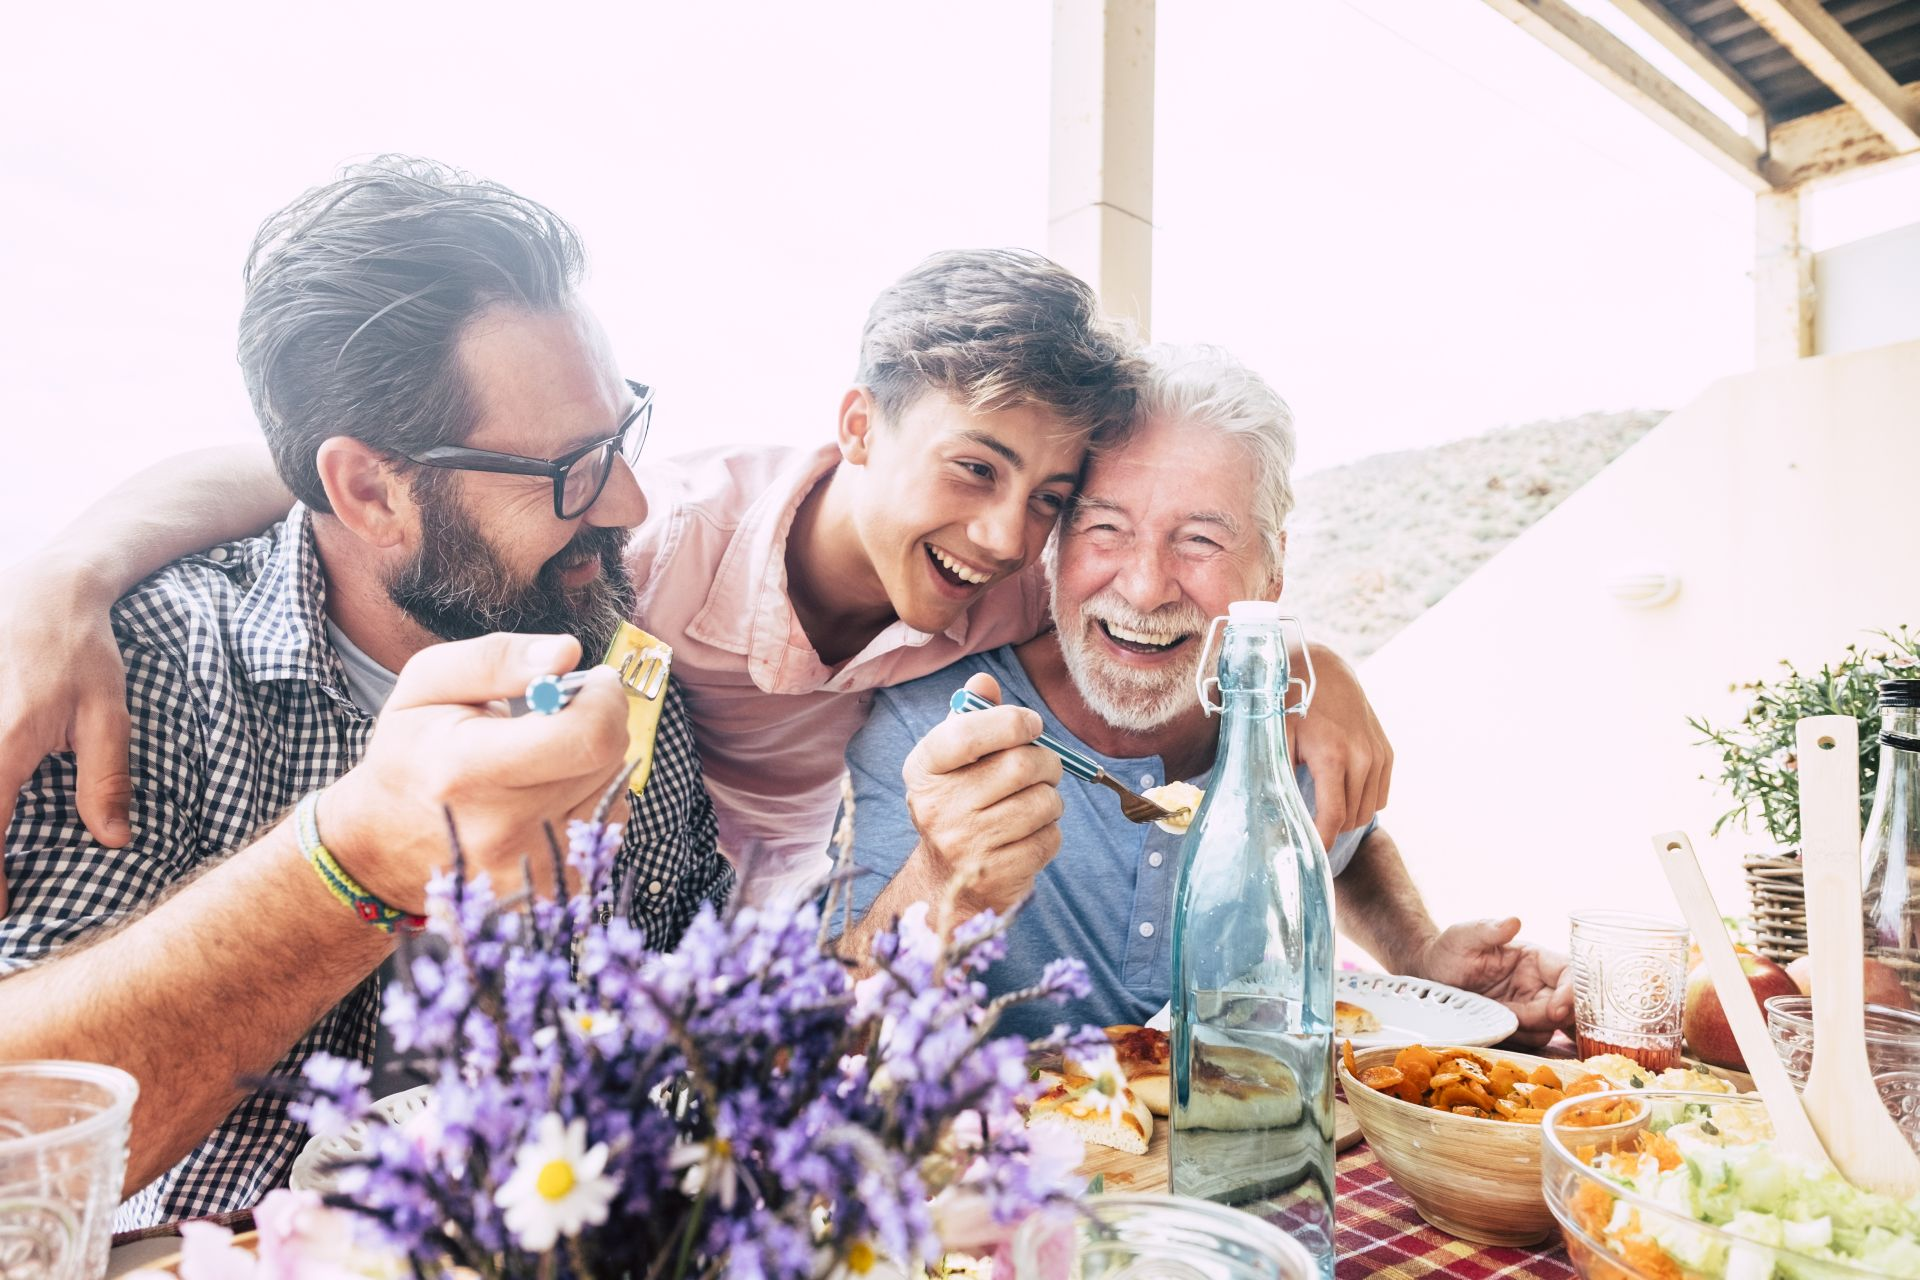 Poznaj podstawowe zasady zdrowego stylu życia w drodze po długowieczność! Regularne badania, umiarkowana aktywność fizyczna, zbilansowana dieta bogata w zdrowe tłuszcze oraz postępowanie zgodnie z piramidą żywieniową to przepis na zdrowie przez wiele lat.